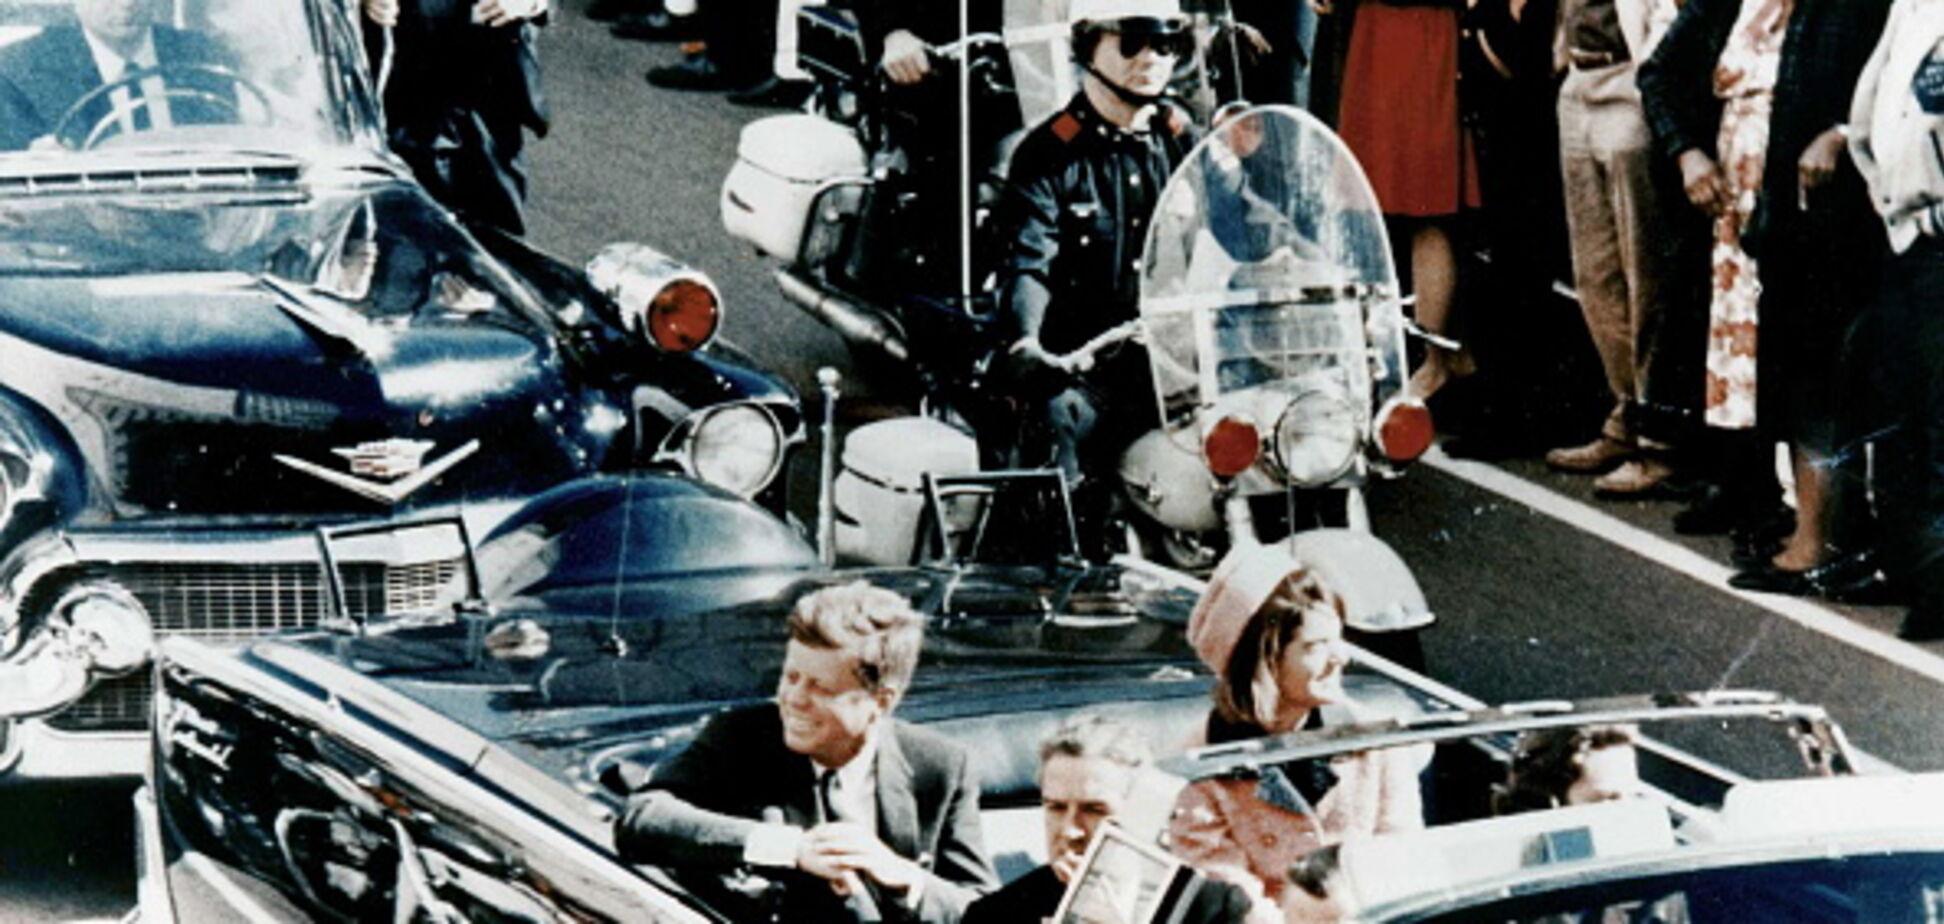 Чего боялся СССР: раскрыты новые подробности убийства Кеннеди